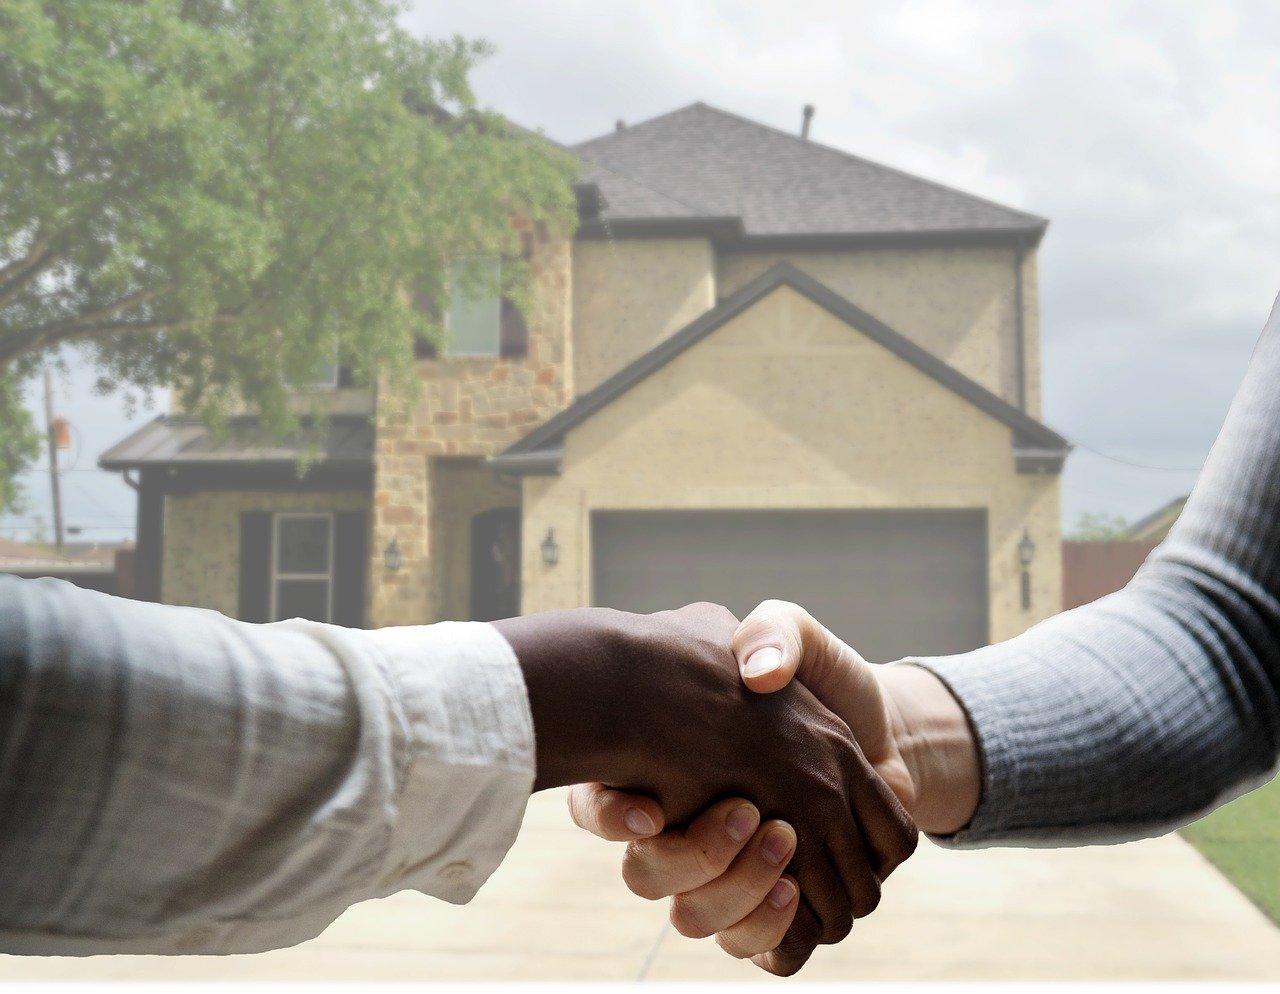 Imagem para artigo de crédito de habitação com imóvel no fundo e agente imobiliário com cliente